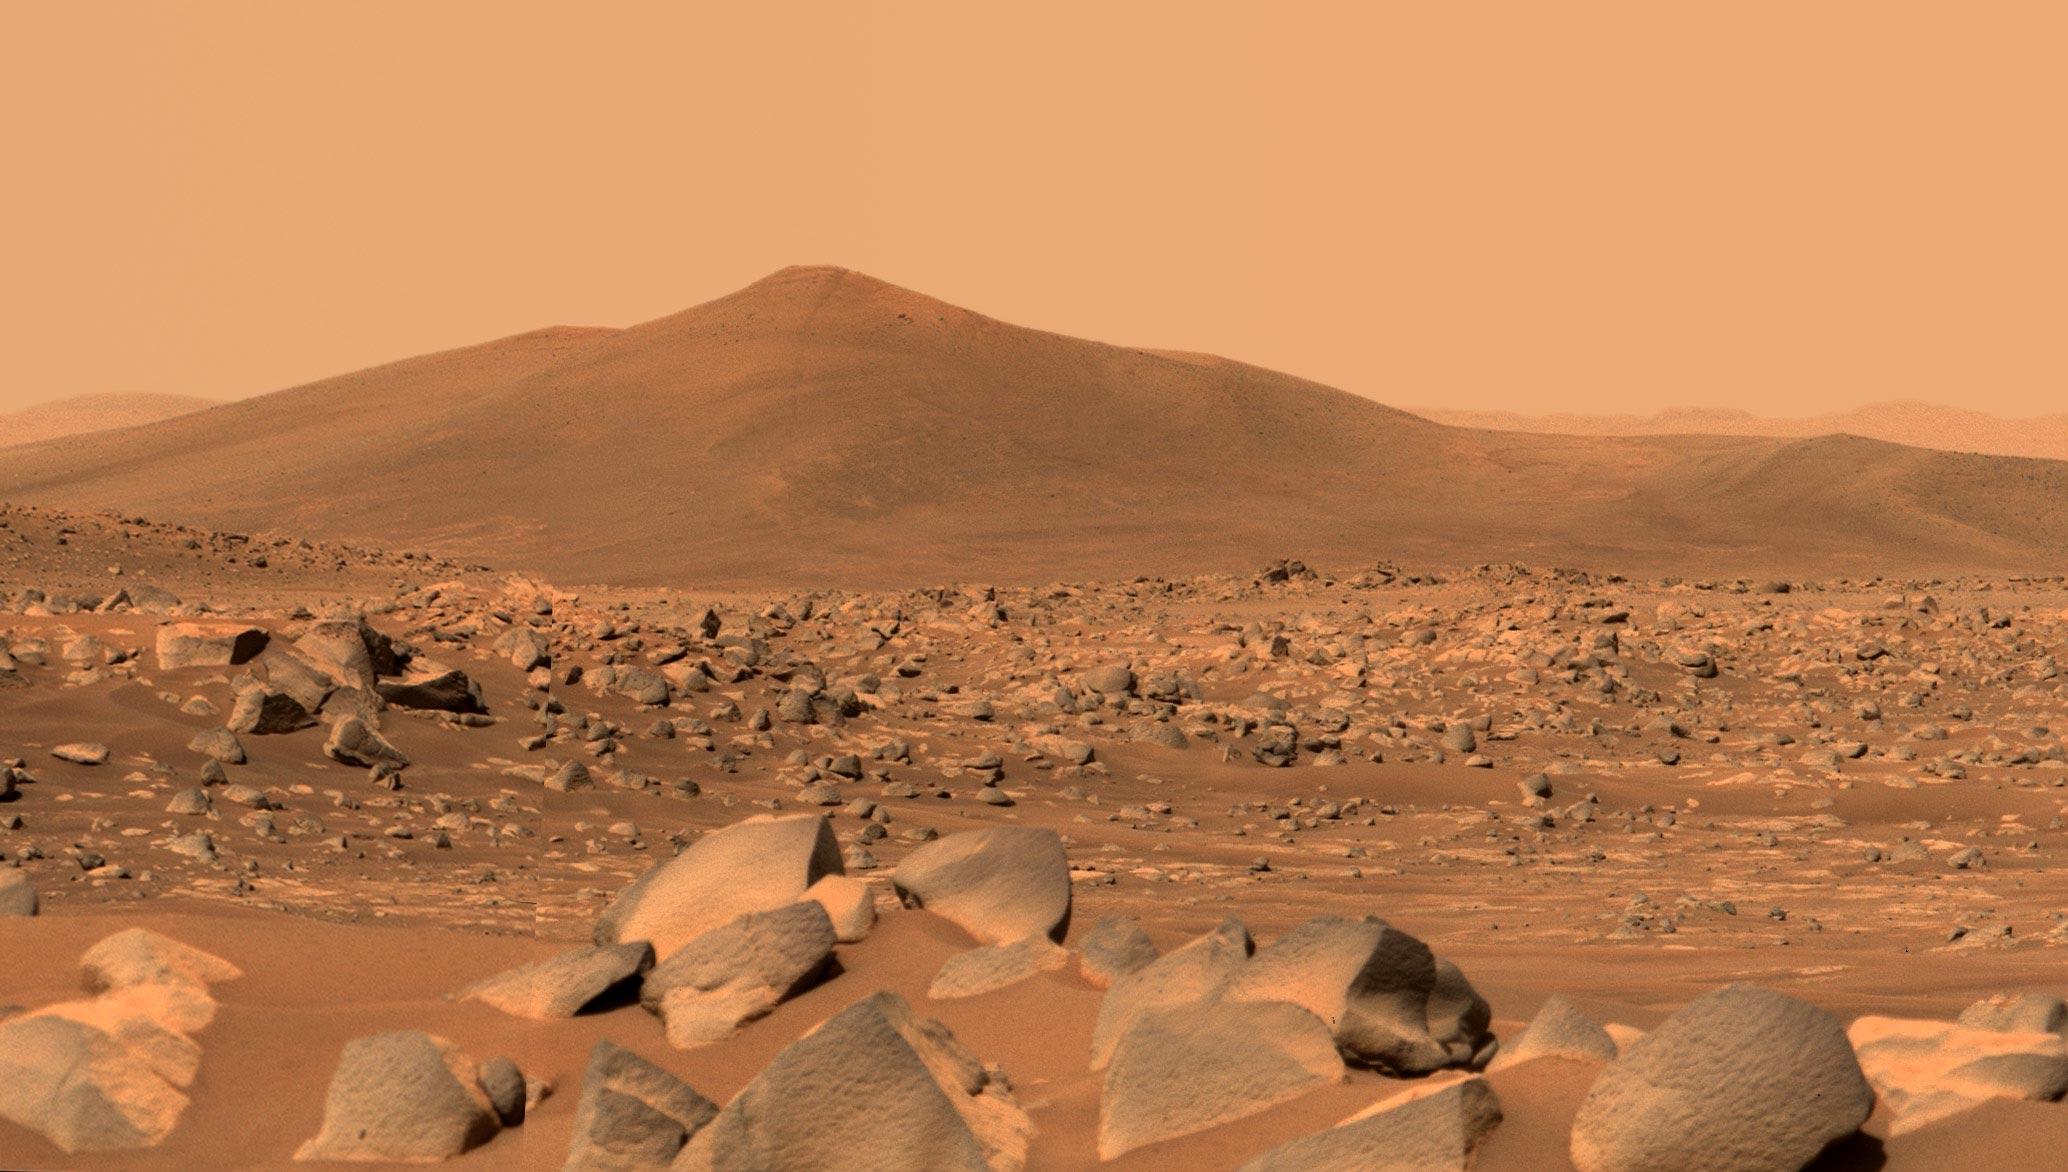 عکس دوربین Mastcam-z مریخنورد پشتکار از کوه Santa Cruz مریخ